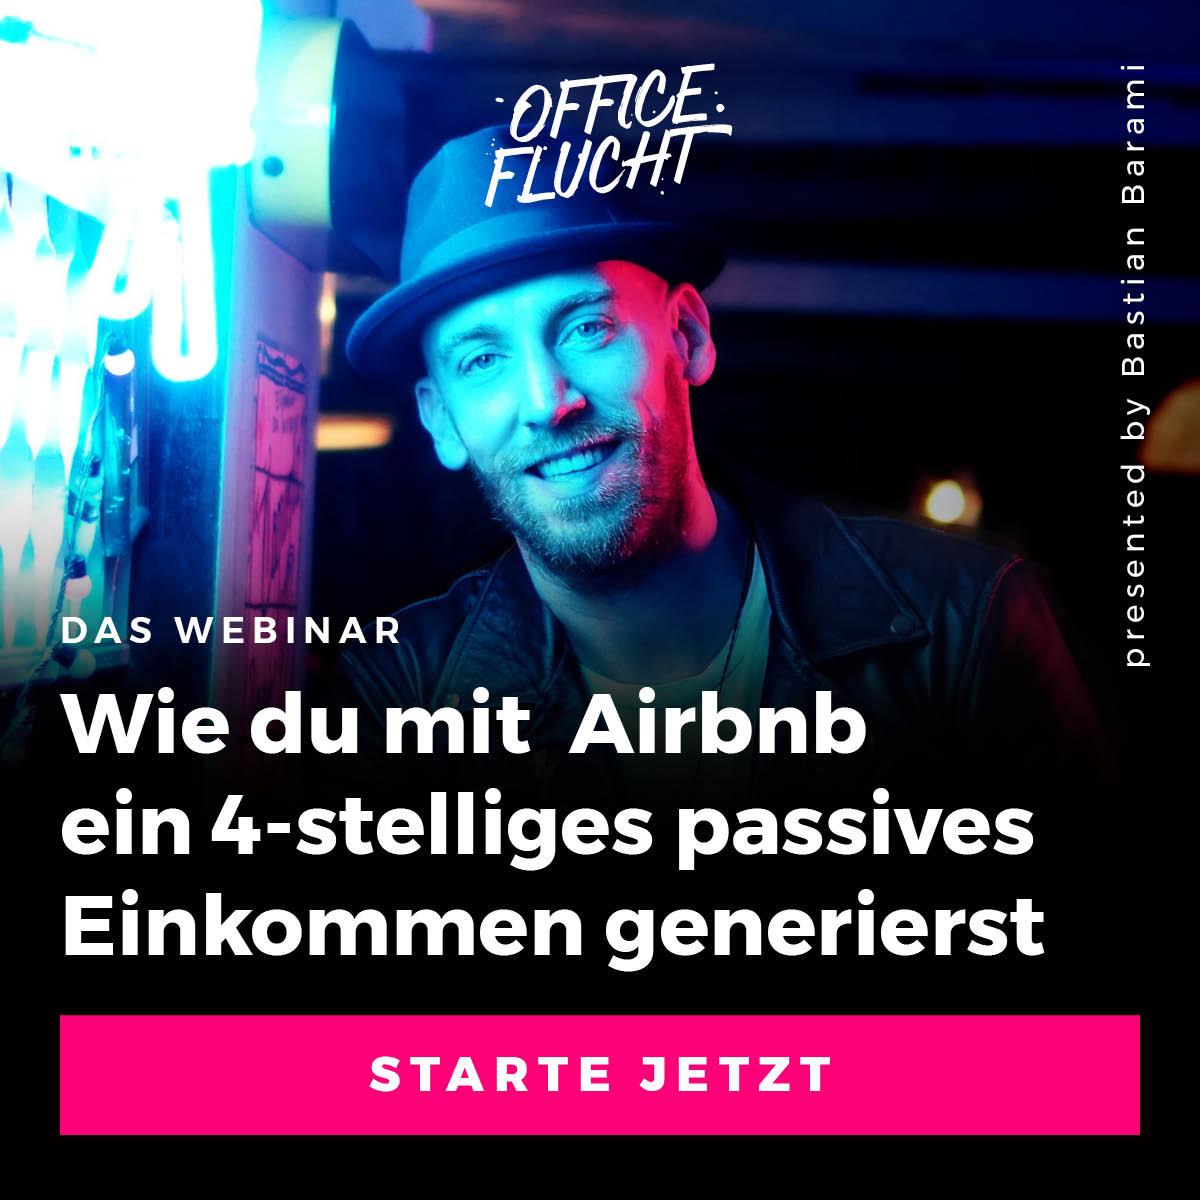 Officeflucht-Airbnb_1200x1200